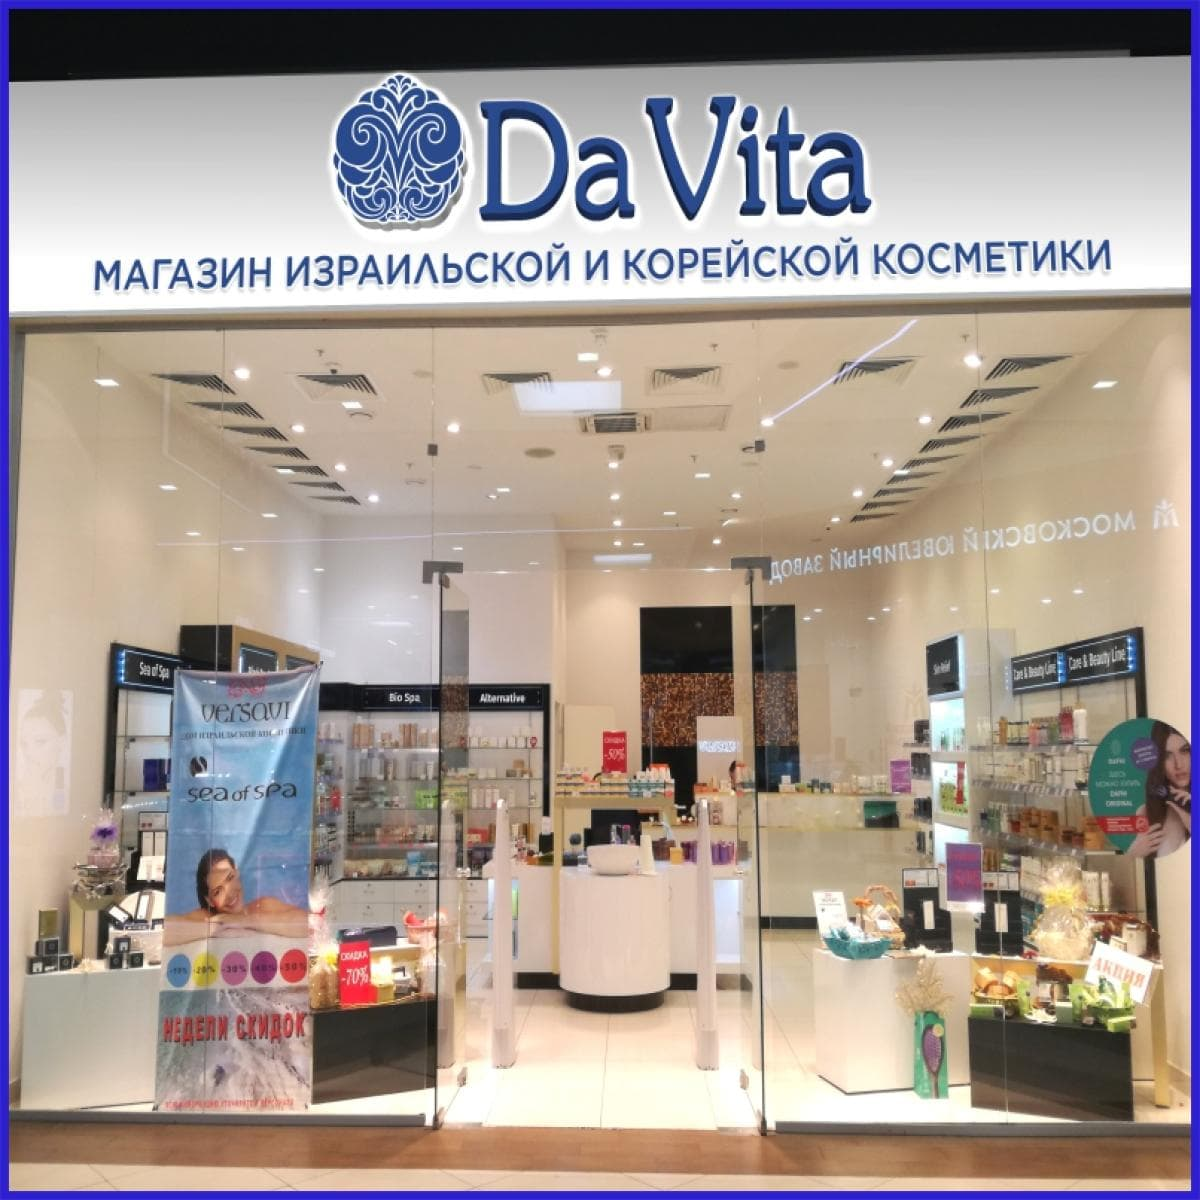 ОТКРЫТИЕ 1 августа - Магазин израильской косметики в ТРЦ Весна Алтуфьево